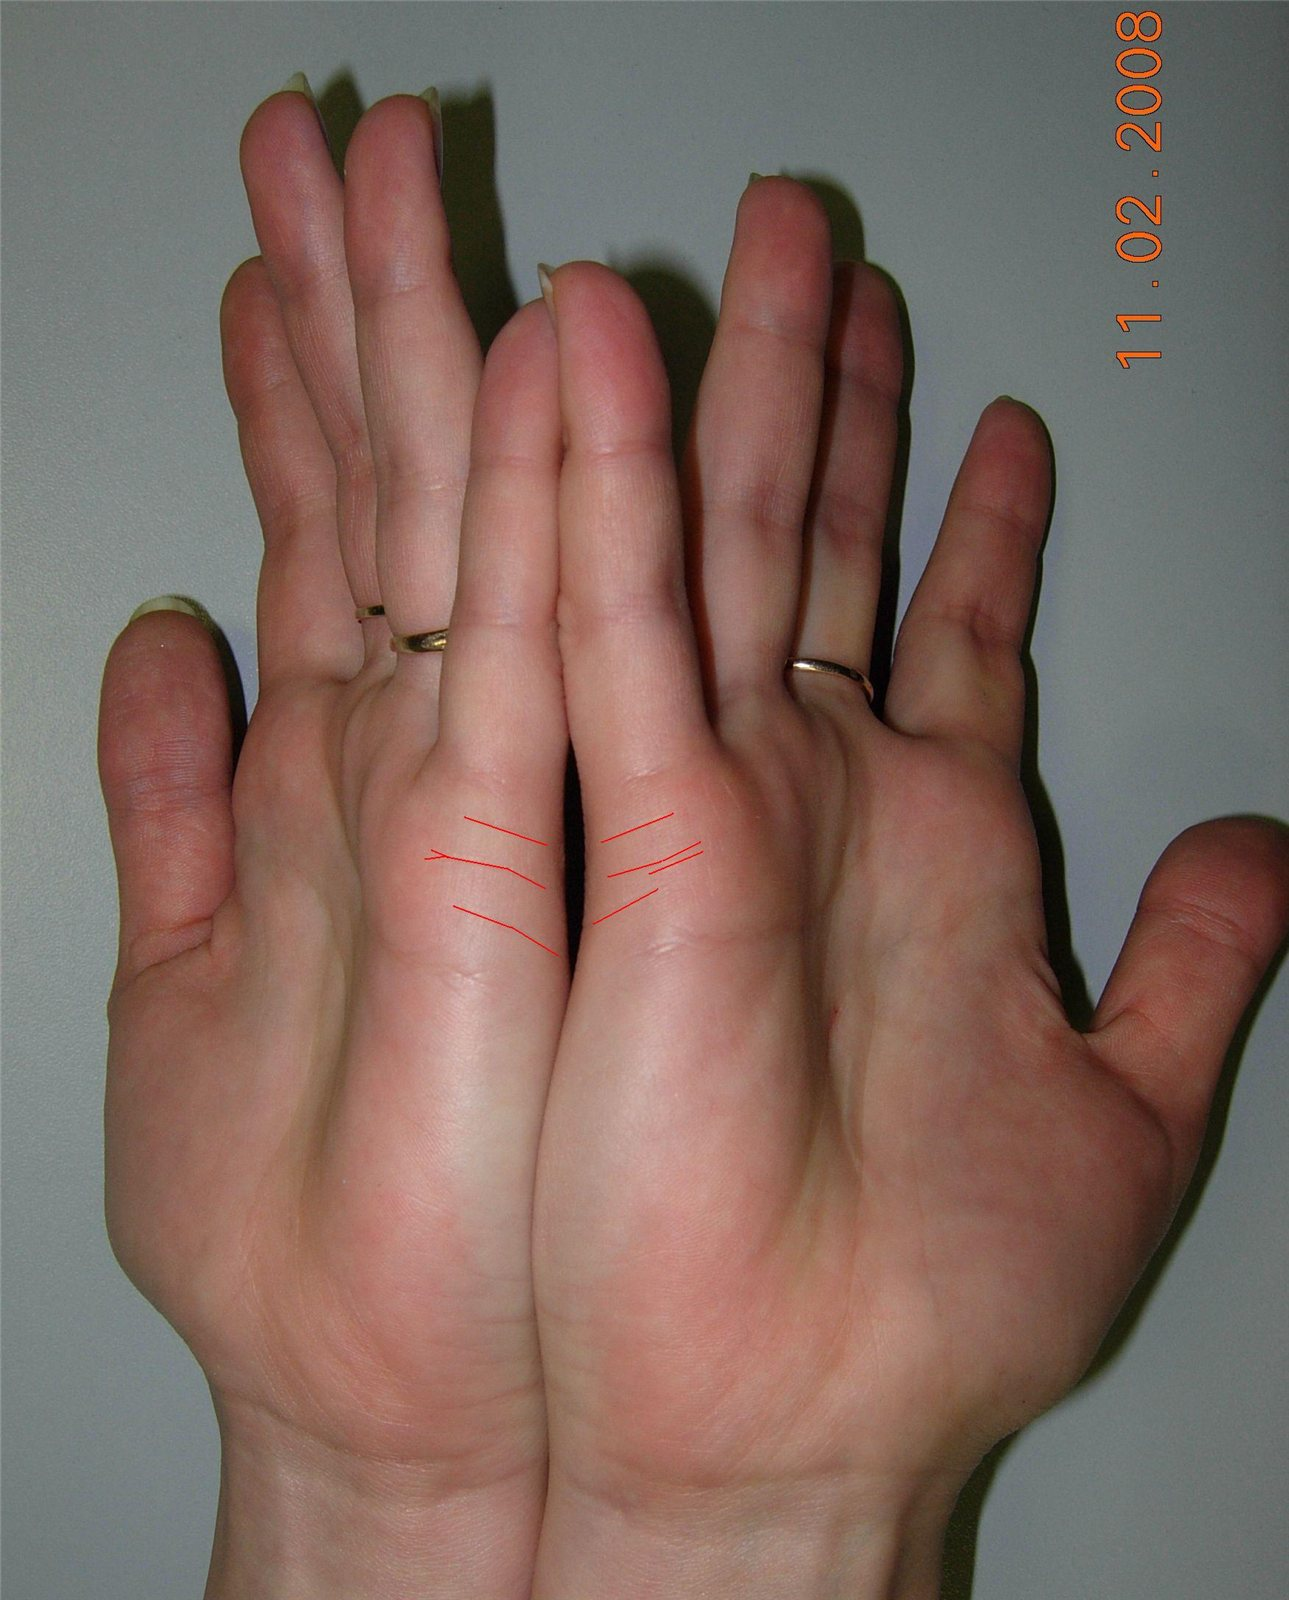 Как посмотреть на руке сколько будет браков и детей фото